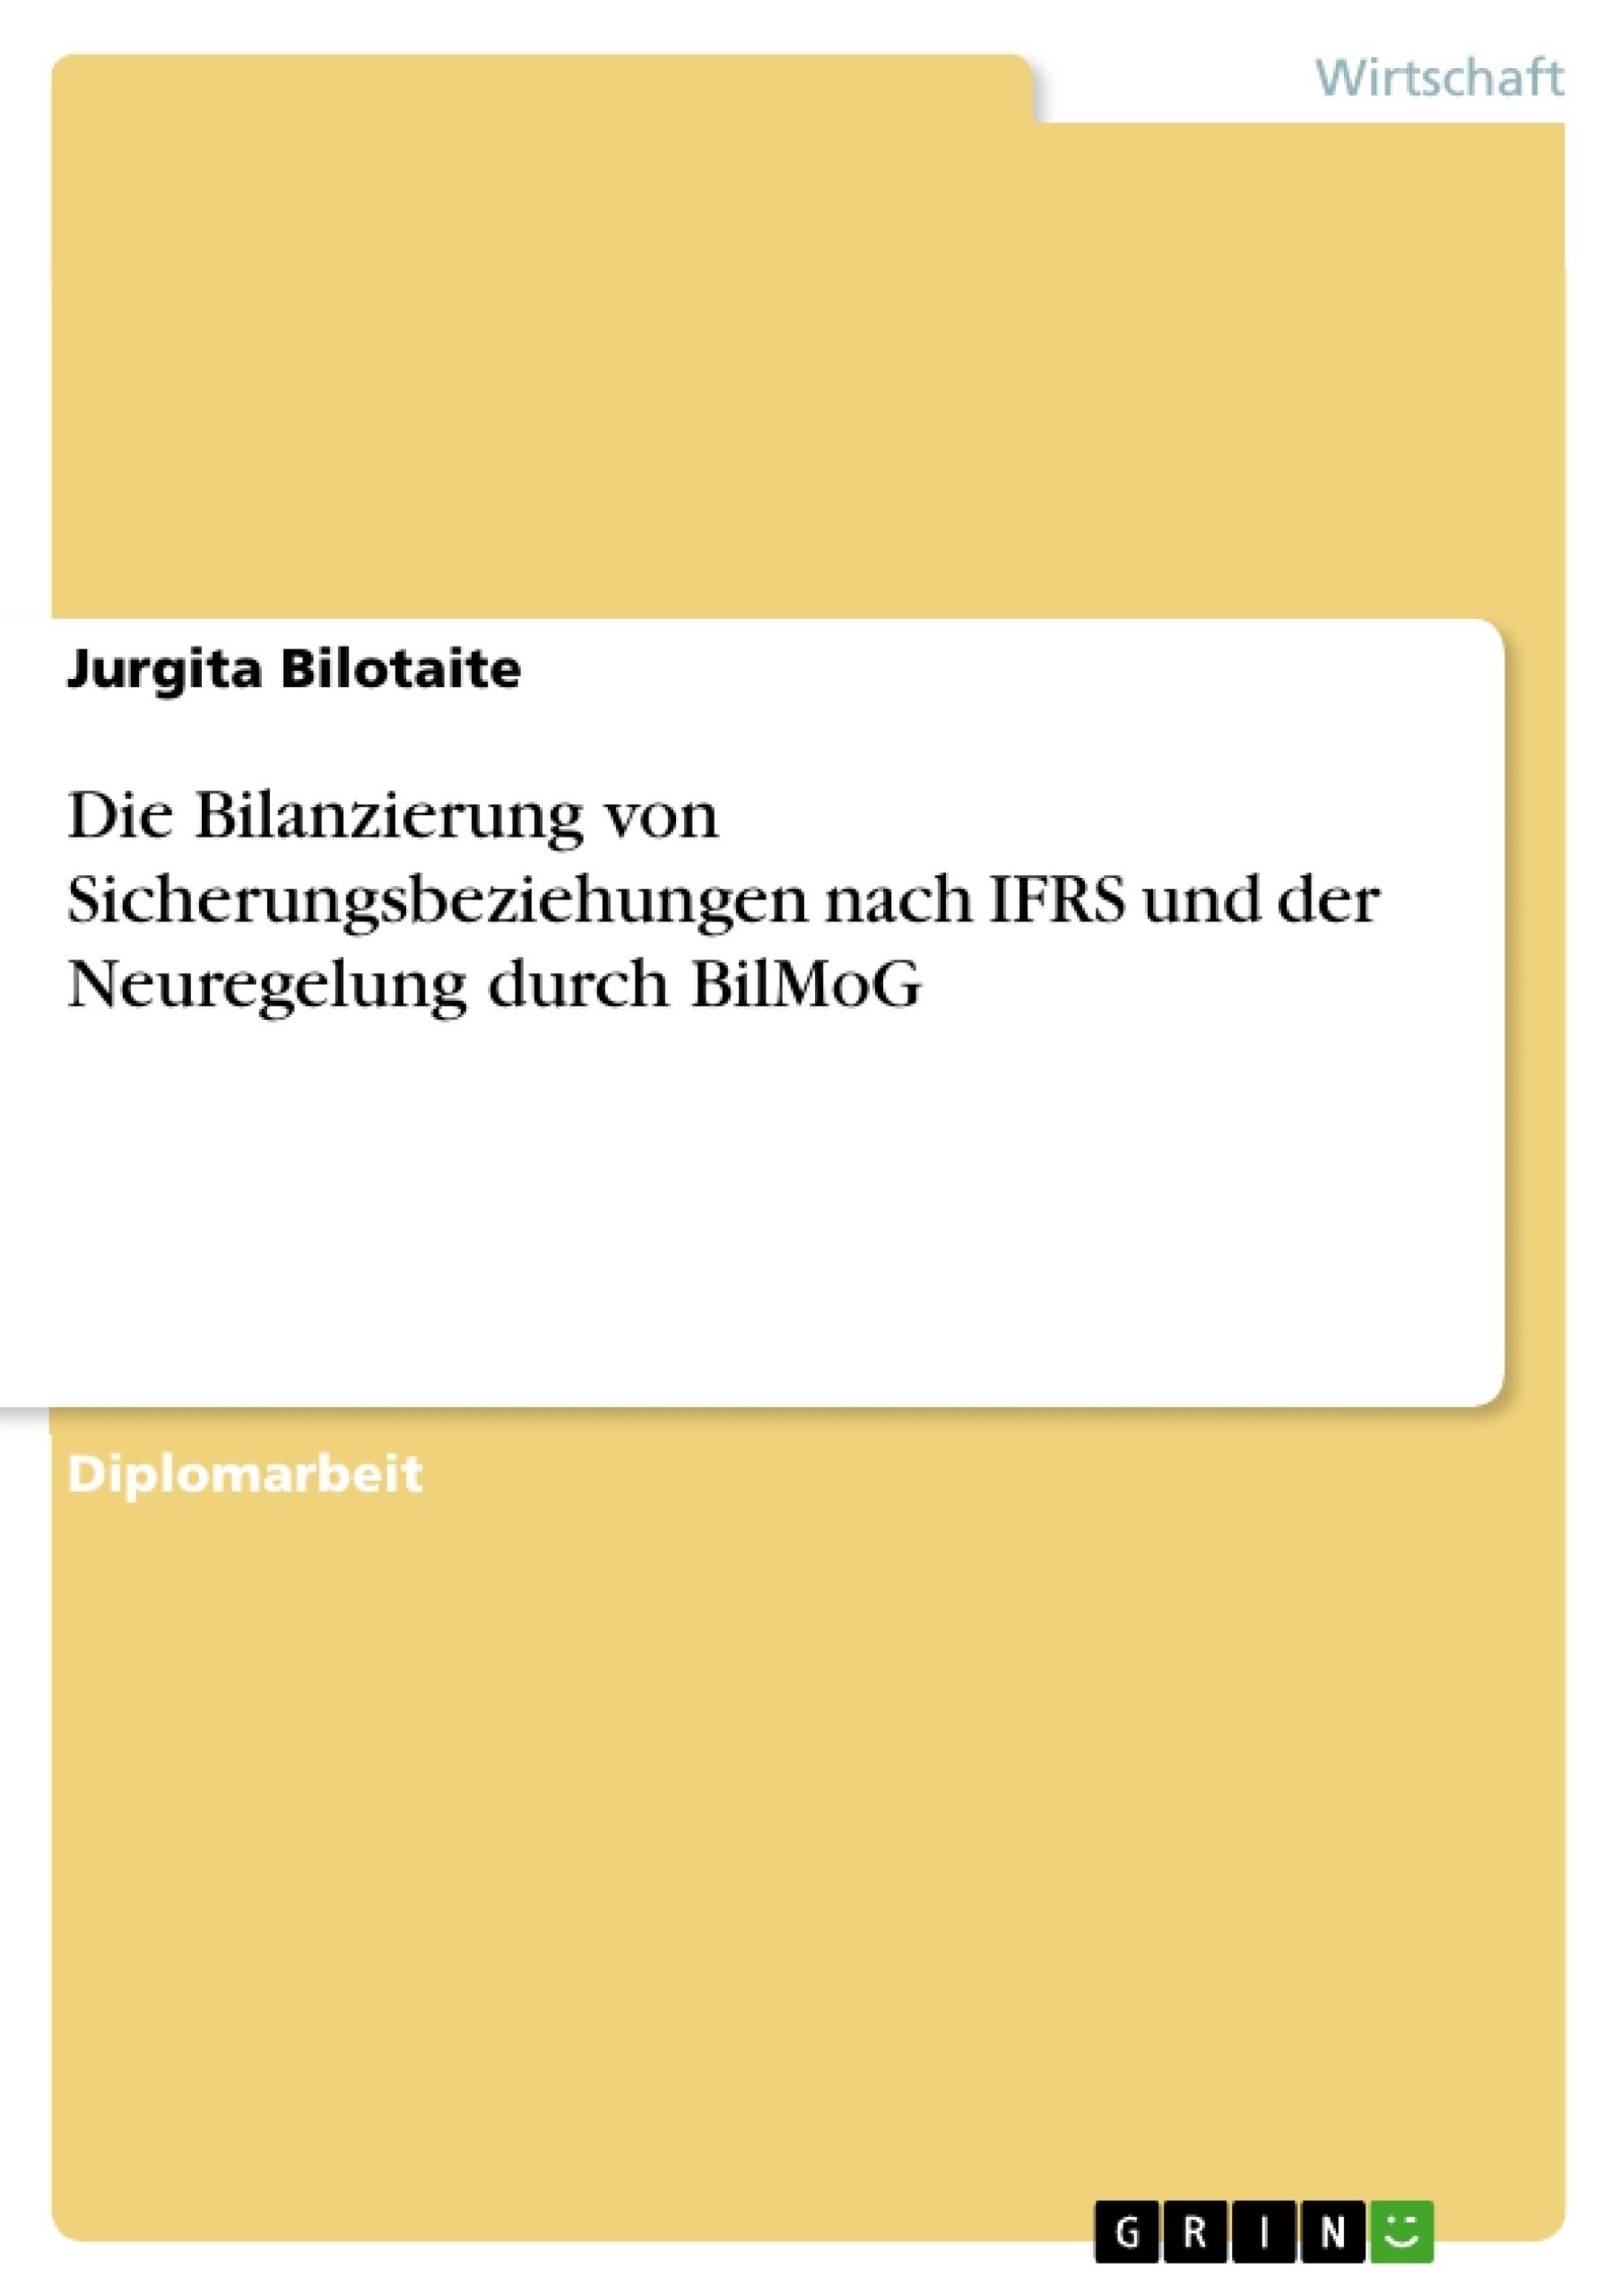 Titel: Die Bilanzierung von Sicherungsbeziehungen nach IFRS und der Neuregelung durch BilMoG